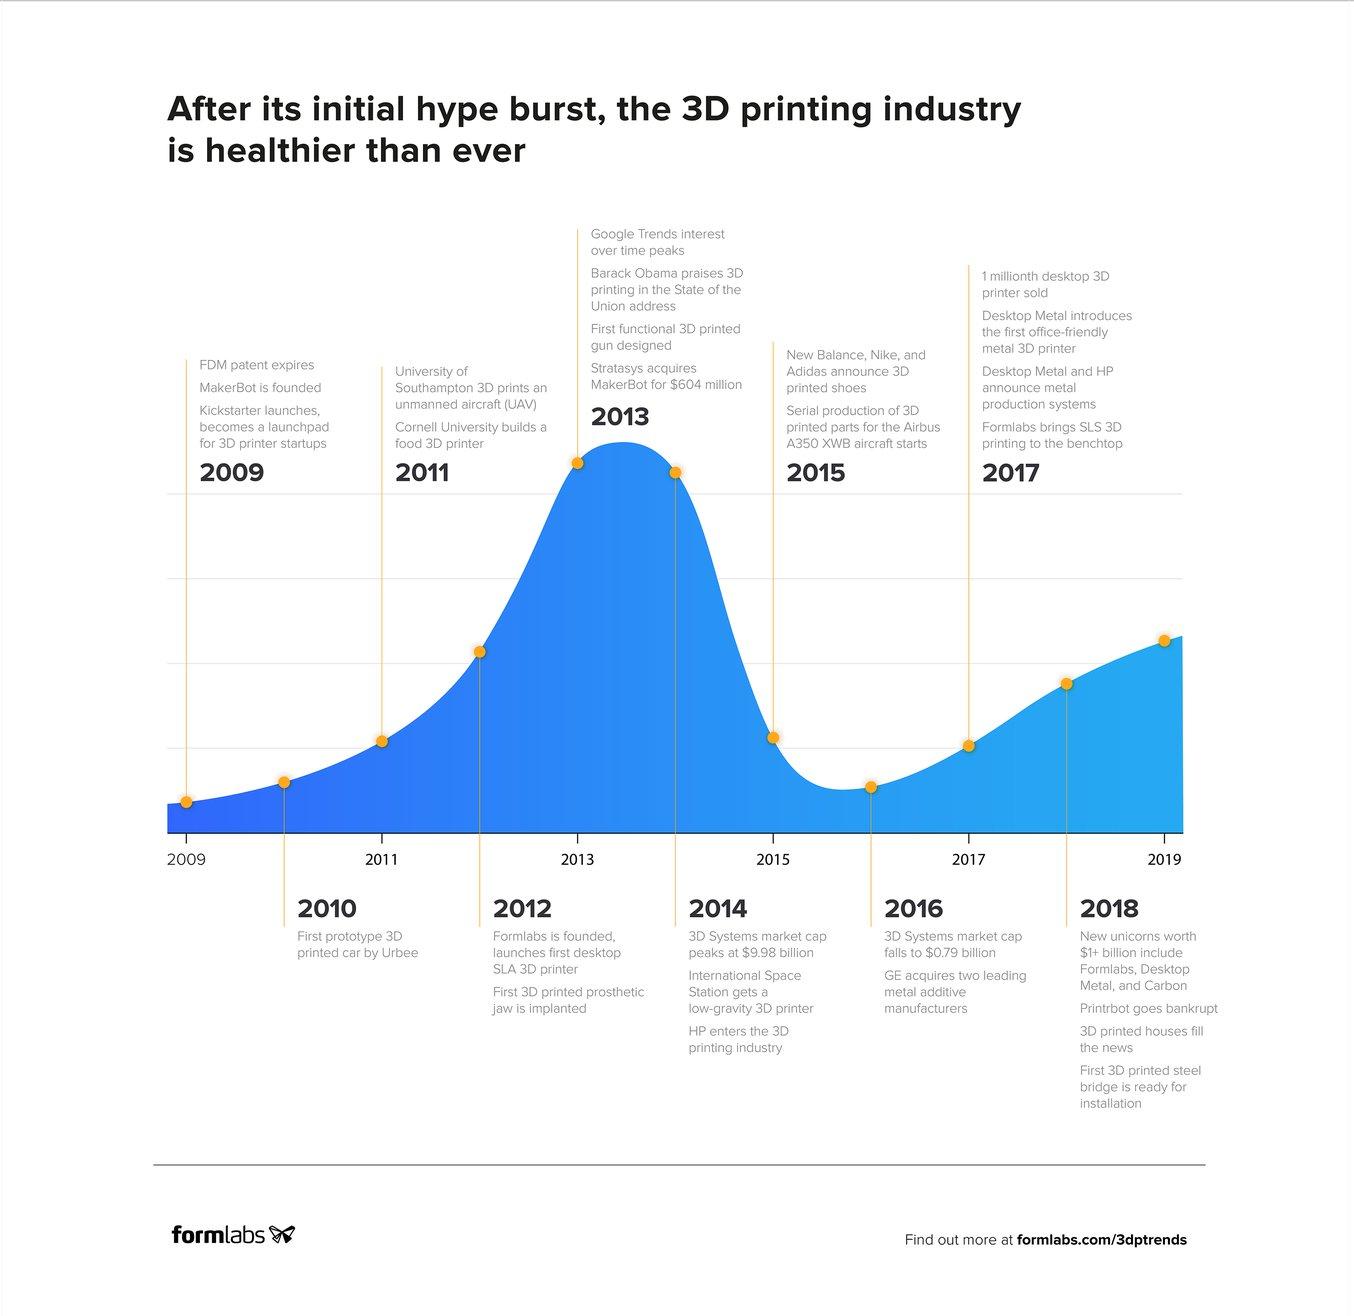 Scarica l'infografica in formato completo per scoprire com'è cambiato il settore della produzione additiva nel corso dell'ultimo decennio.